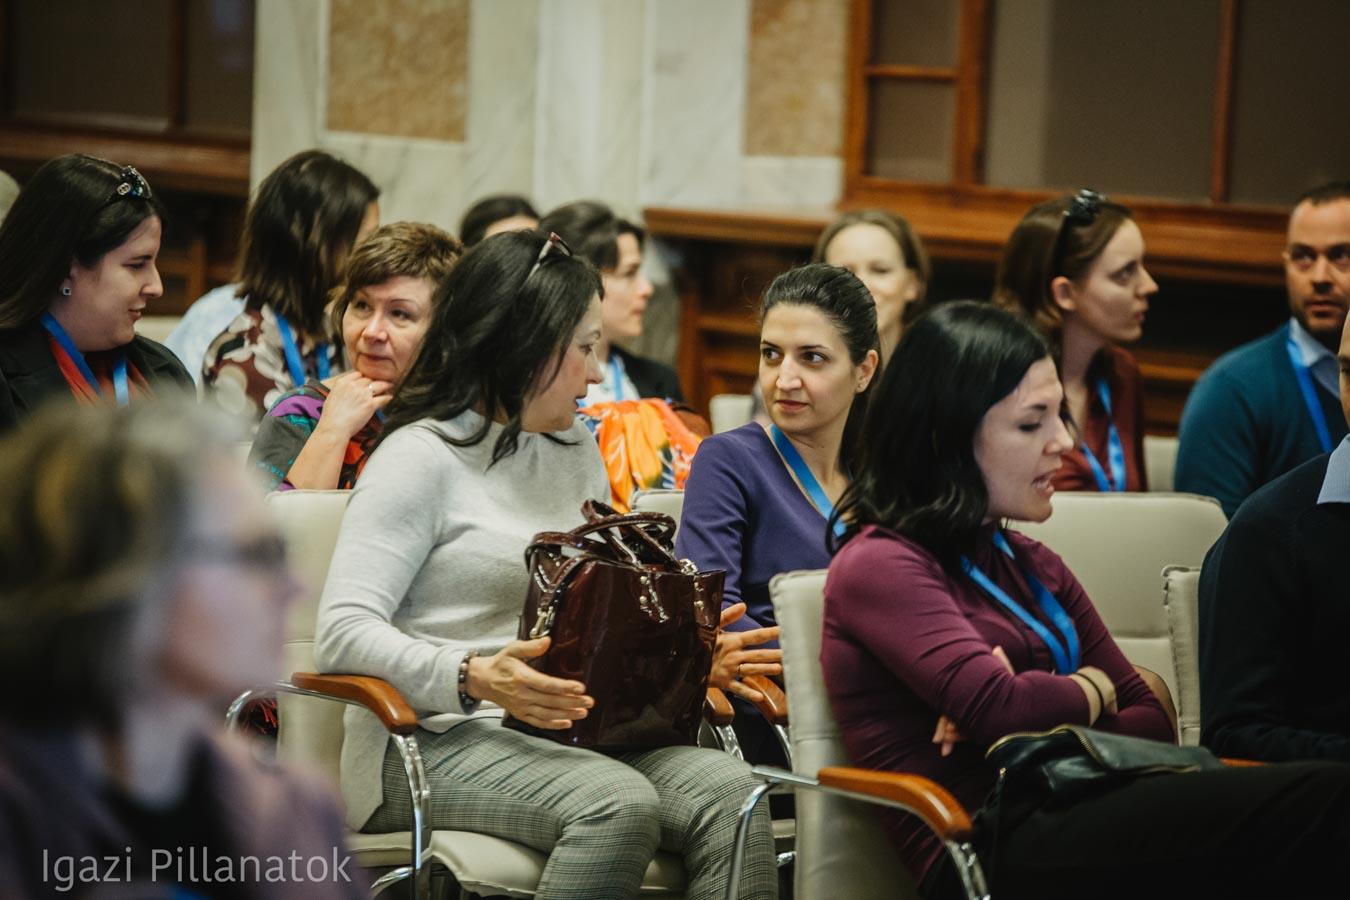 Fotó:Kőhidai Szabolcs, Igazi Pillanatok | Nemzetközi Protokoll Szakemberek Szervezete (NPRSZ)